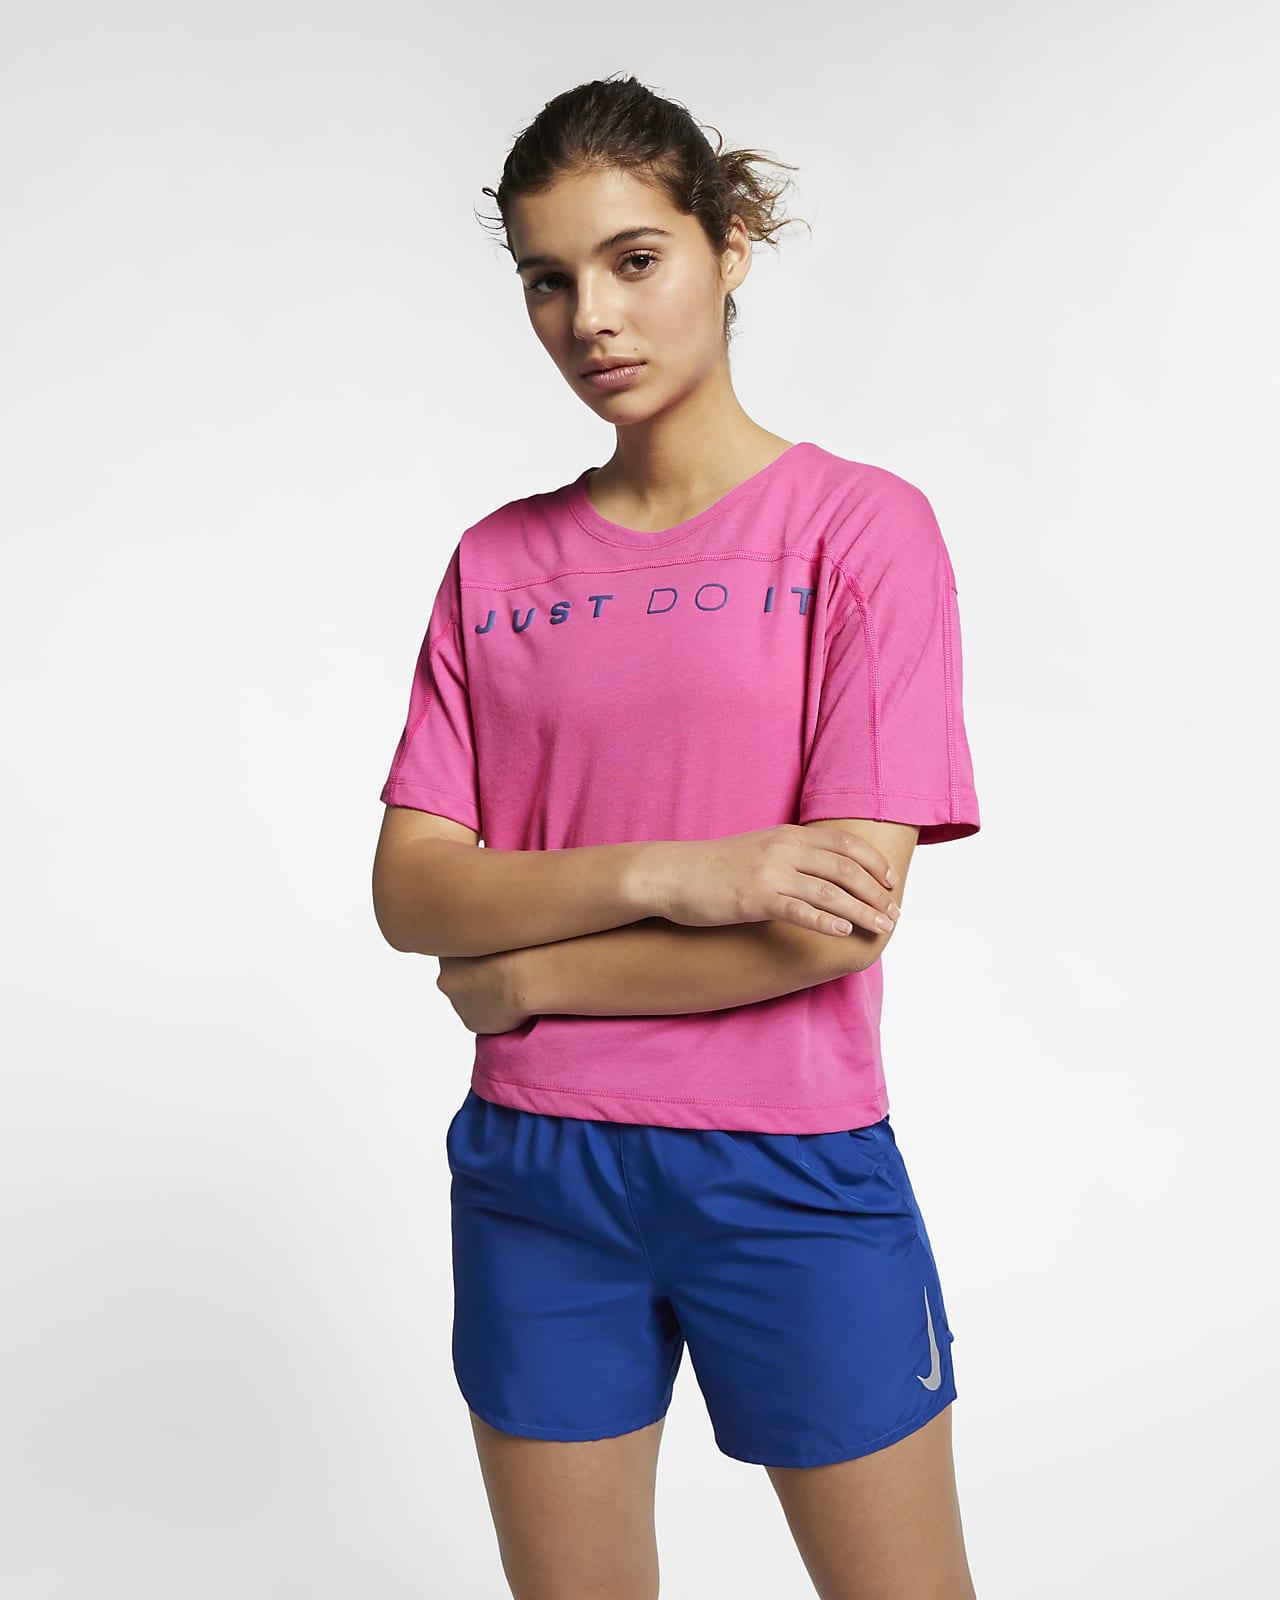 Γυναικεία κοντομάνικη μπλούζα για τρέξιμο Nike Dri-FIT Miler